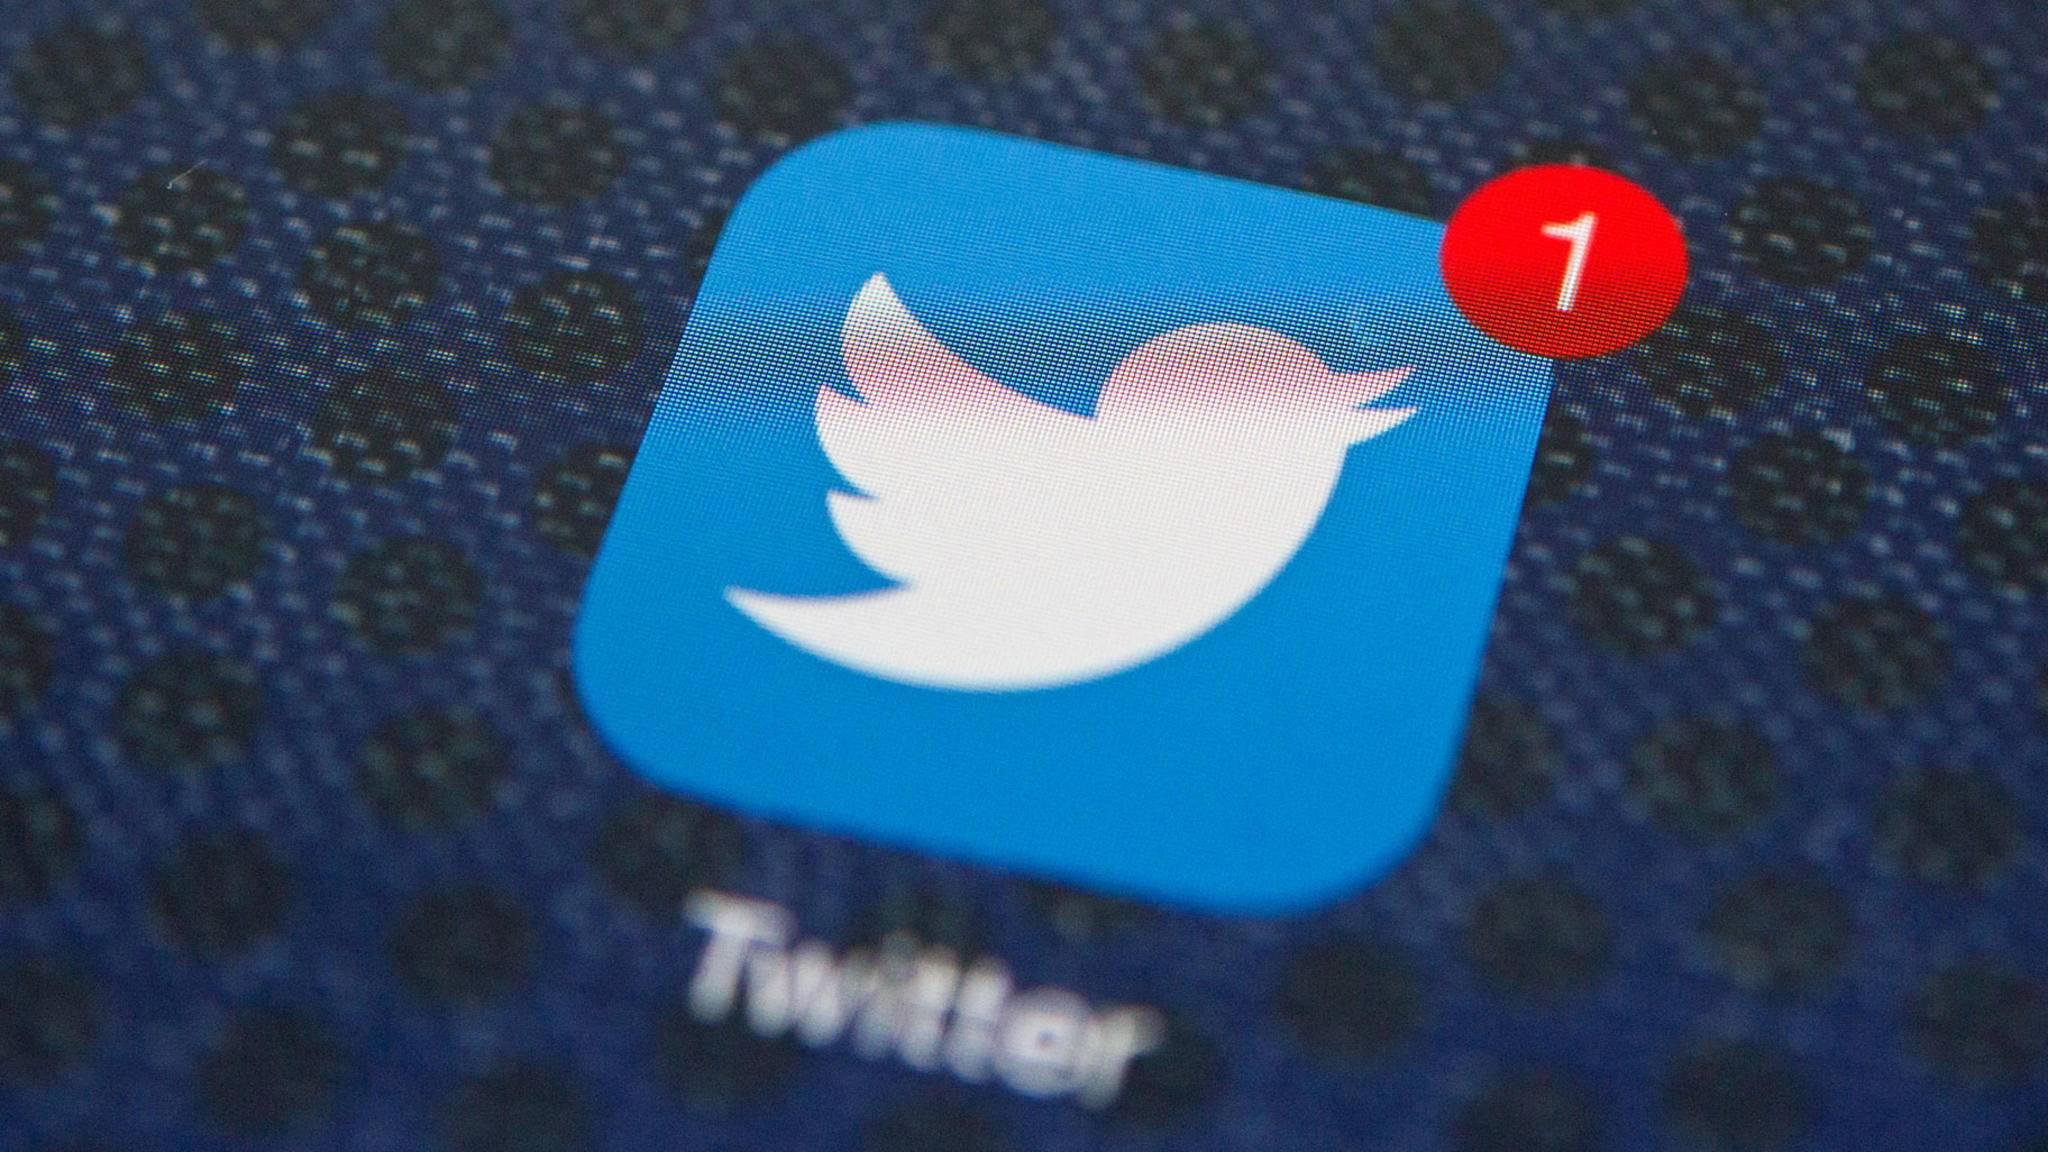 Kein Lust mehr auf Twitter? So kannst Du Dein Konto löschen.